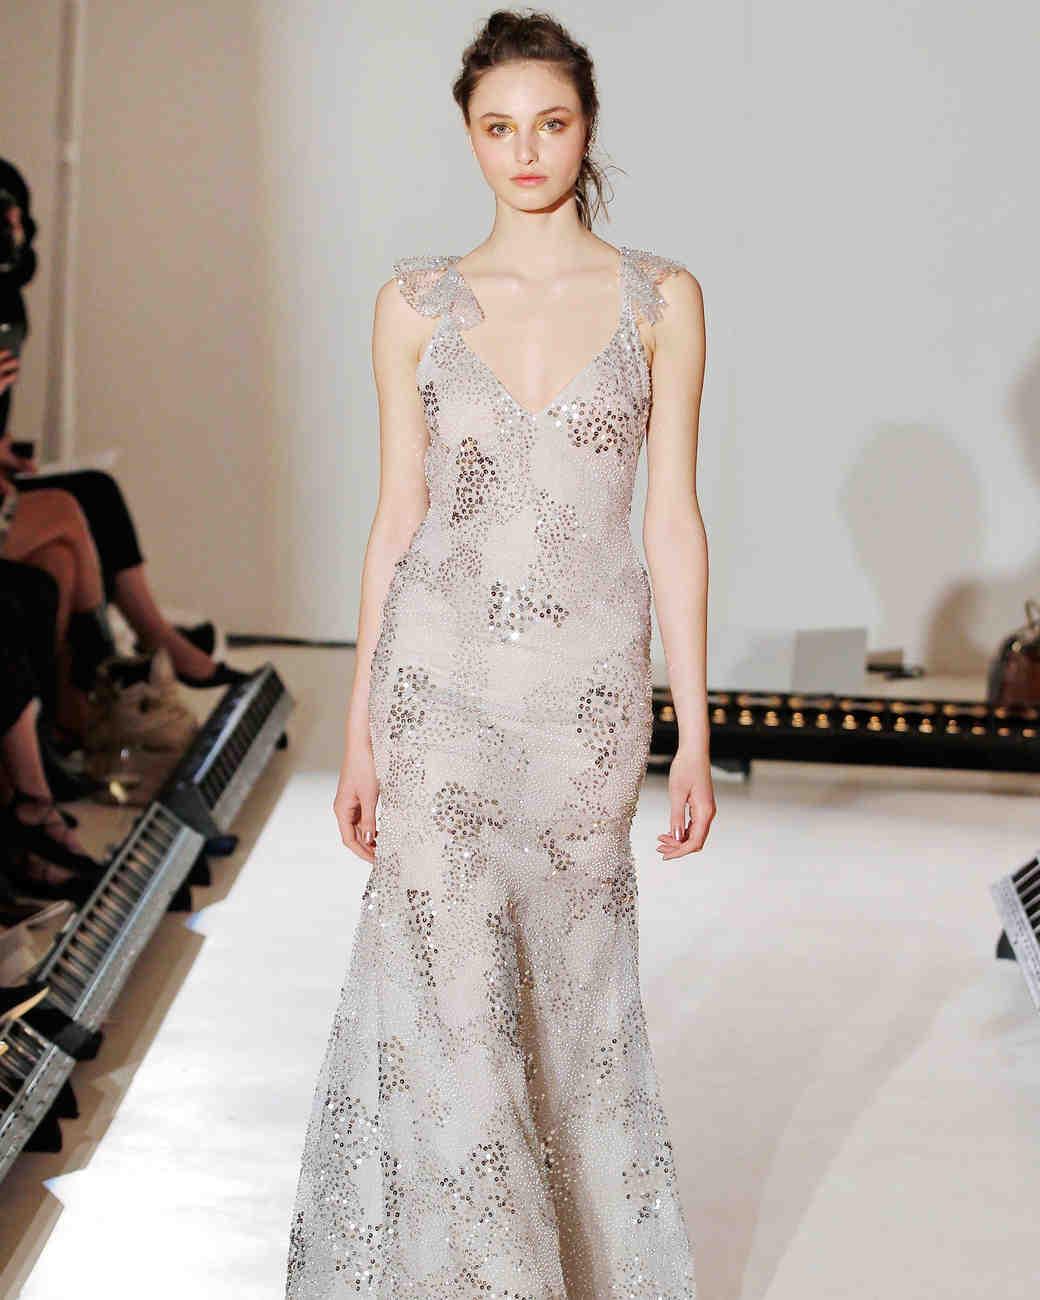 b7340ca70abb Hayley Paige Spring 2017 Wedding Dress Collection | Martha Stewart Weddings